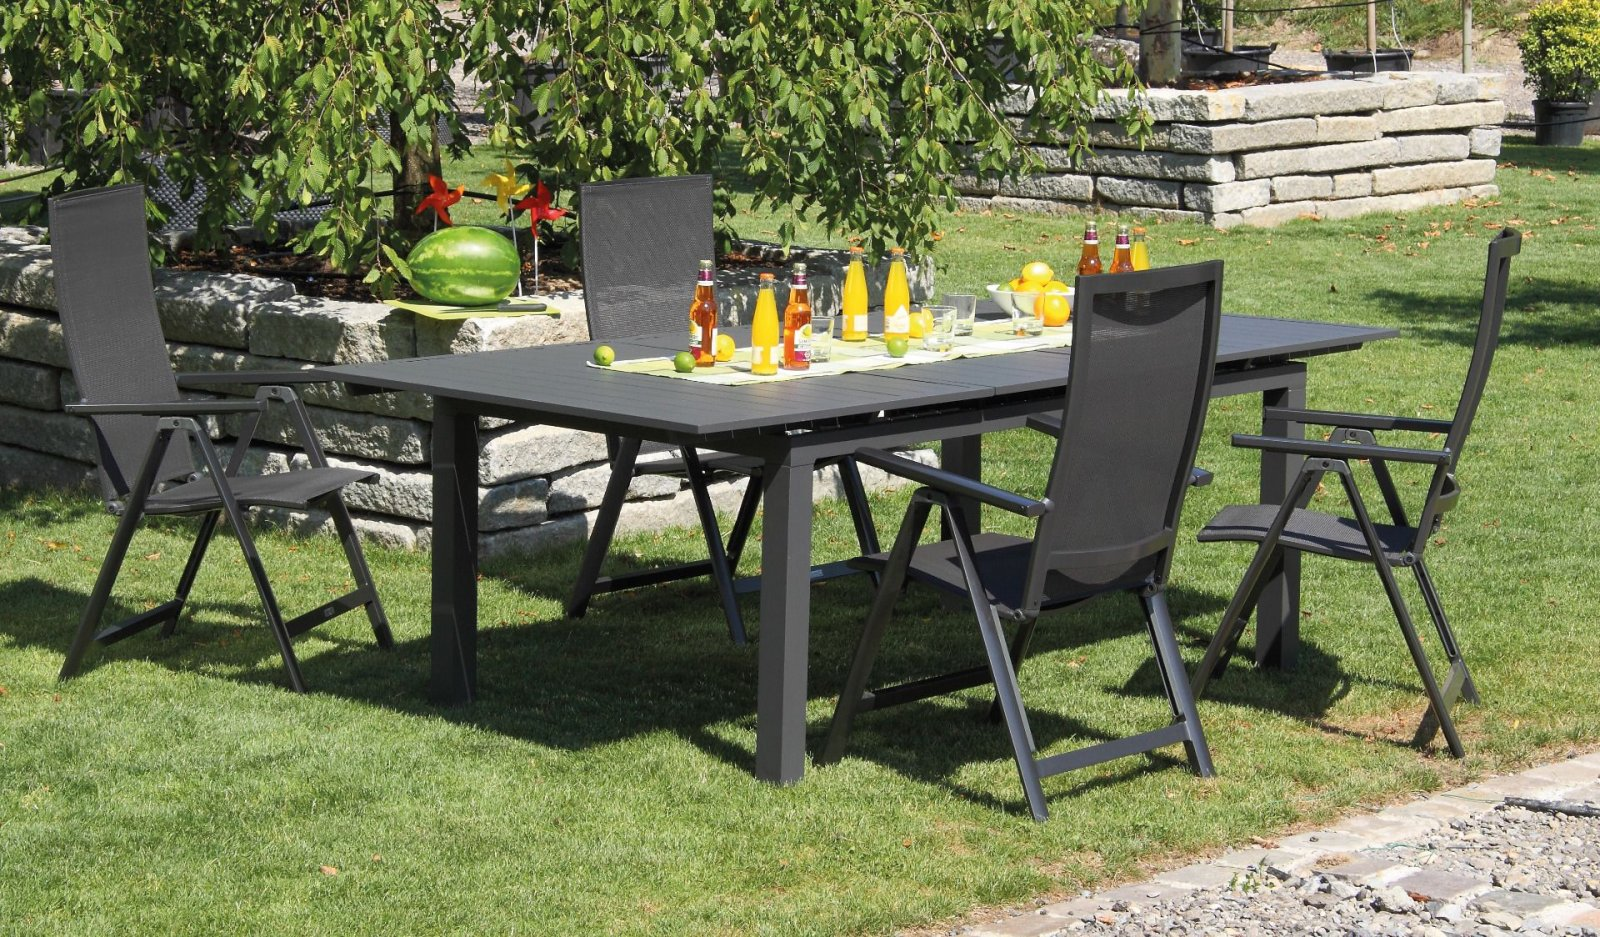 Alumínium kerti bútor garnitúra prémium Flair székekkel